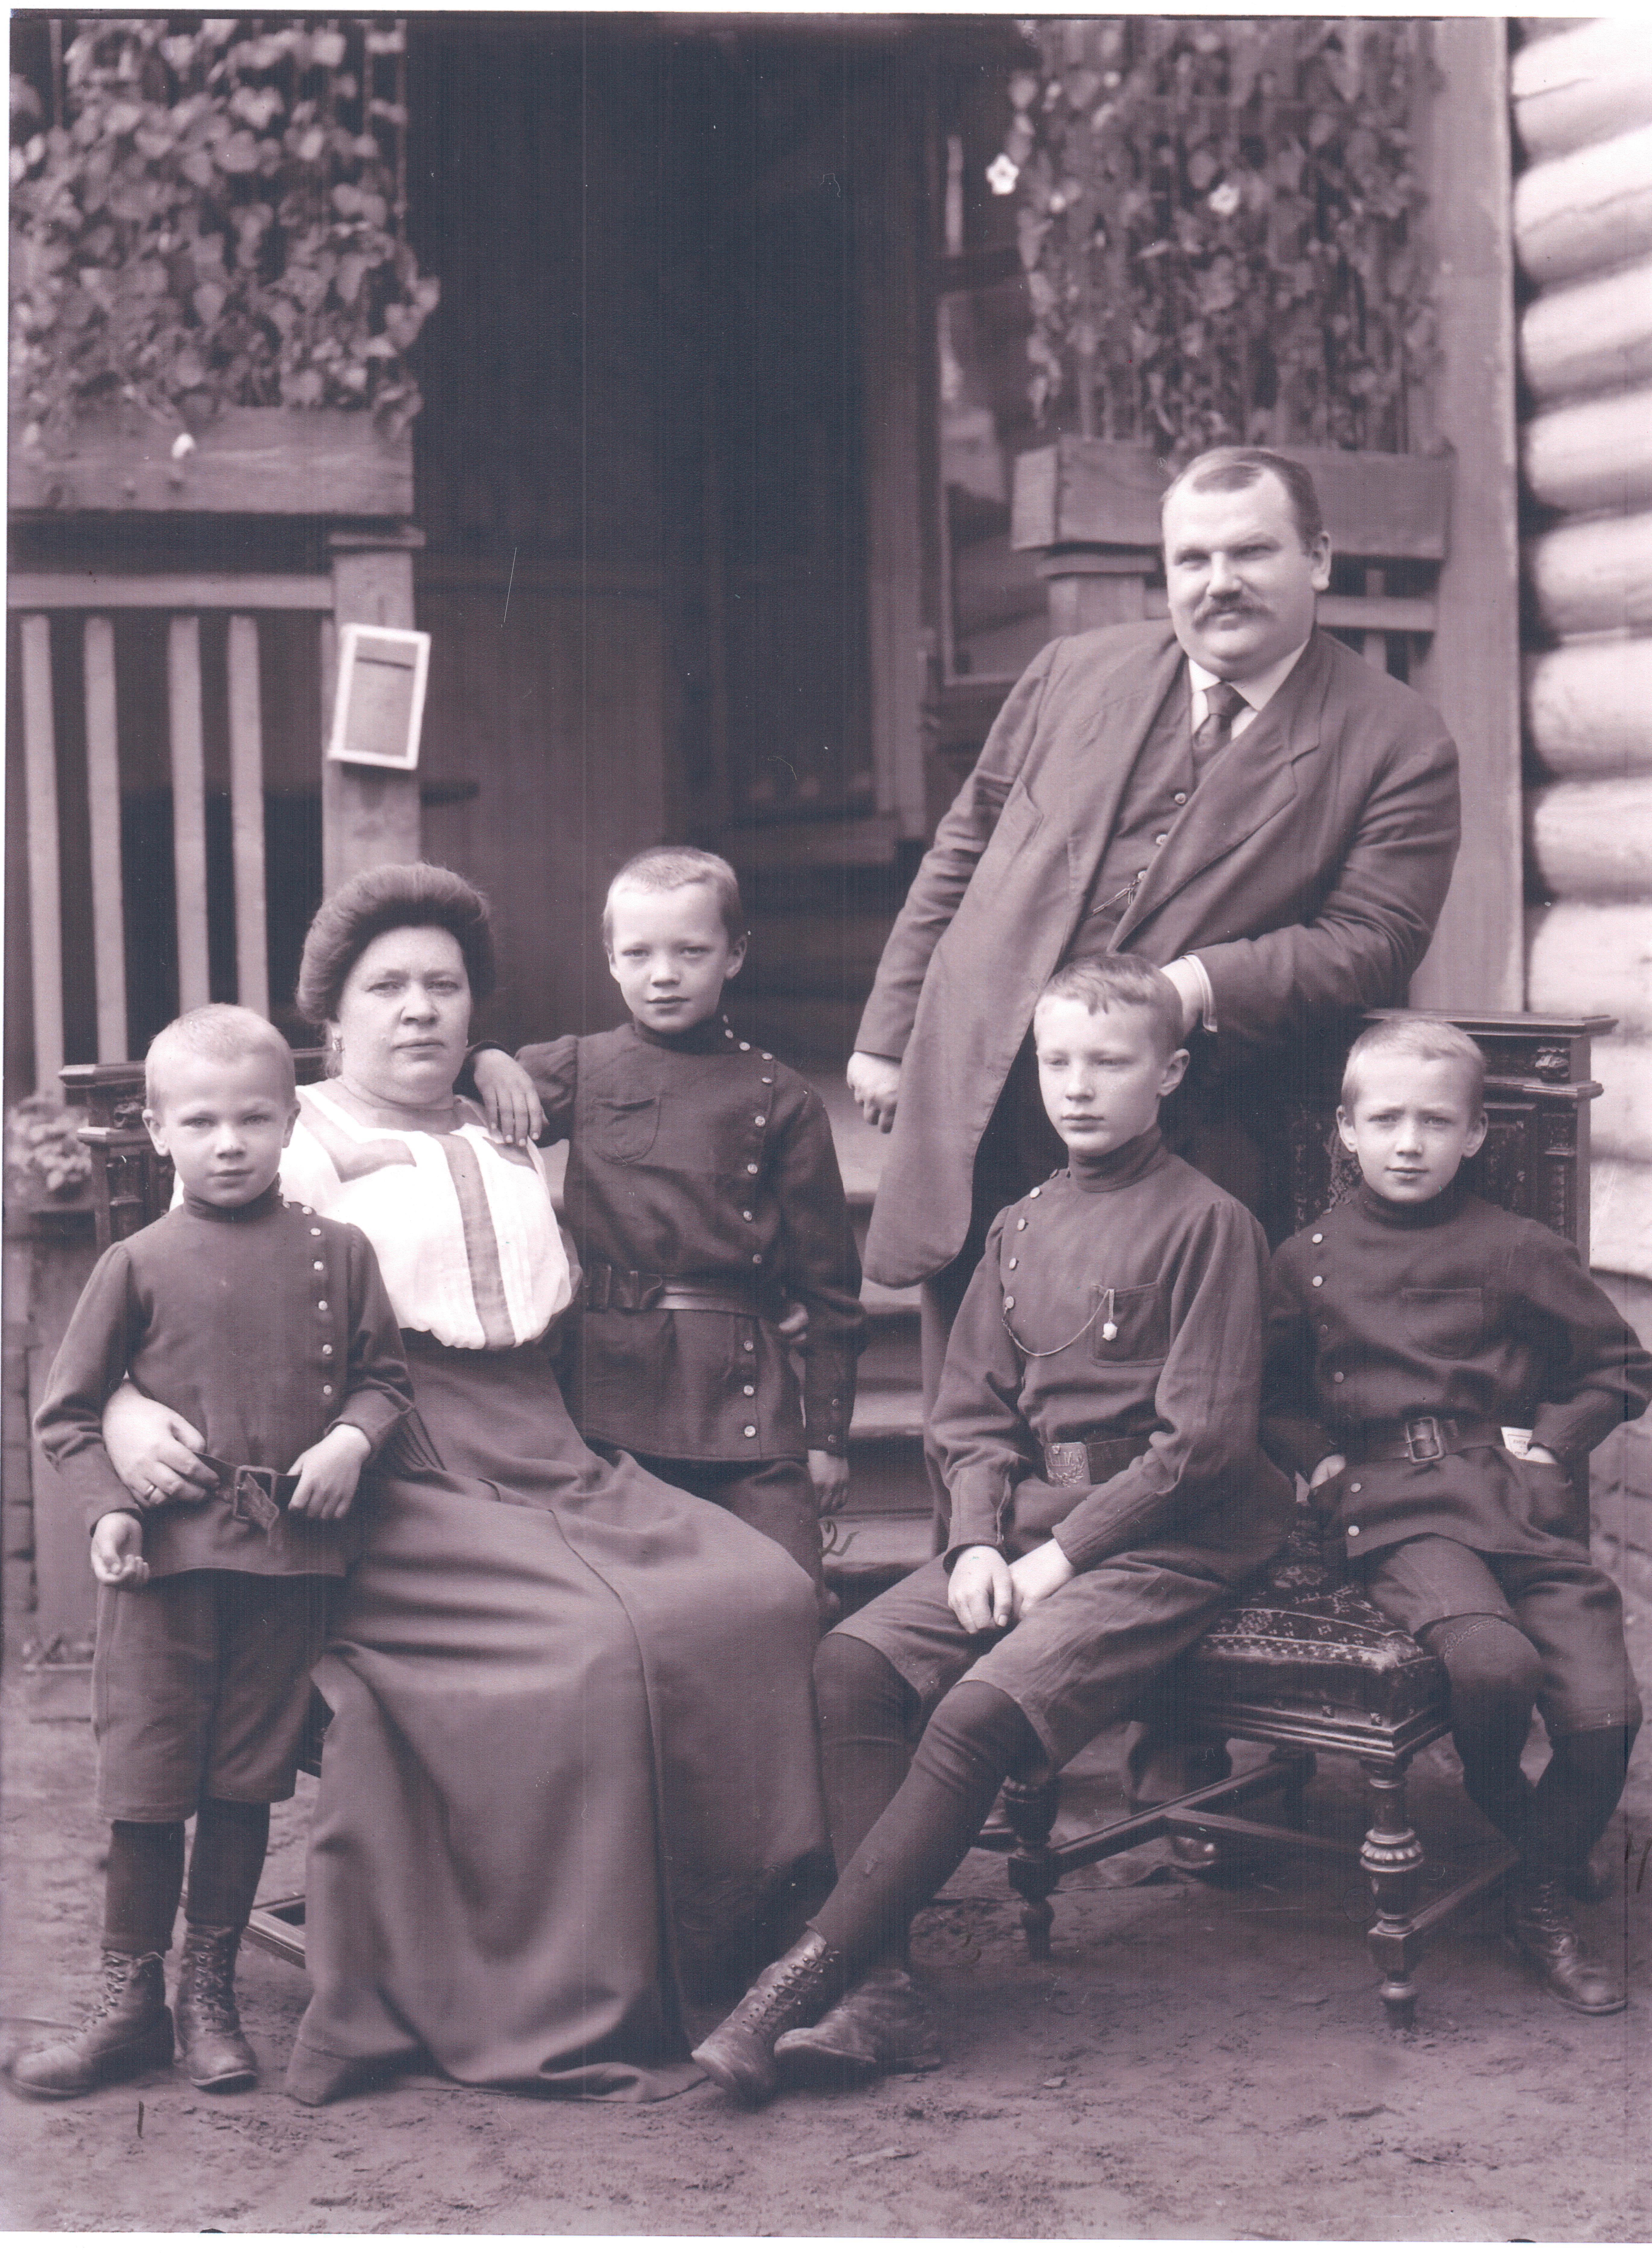 Семья М. С. Дубинина. Слева направо: Дмитрий, Елизавета Алексеевна (урожденная Полякова), Владимир, Михаил, Борис. Около 1912 года